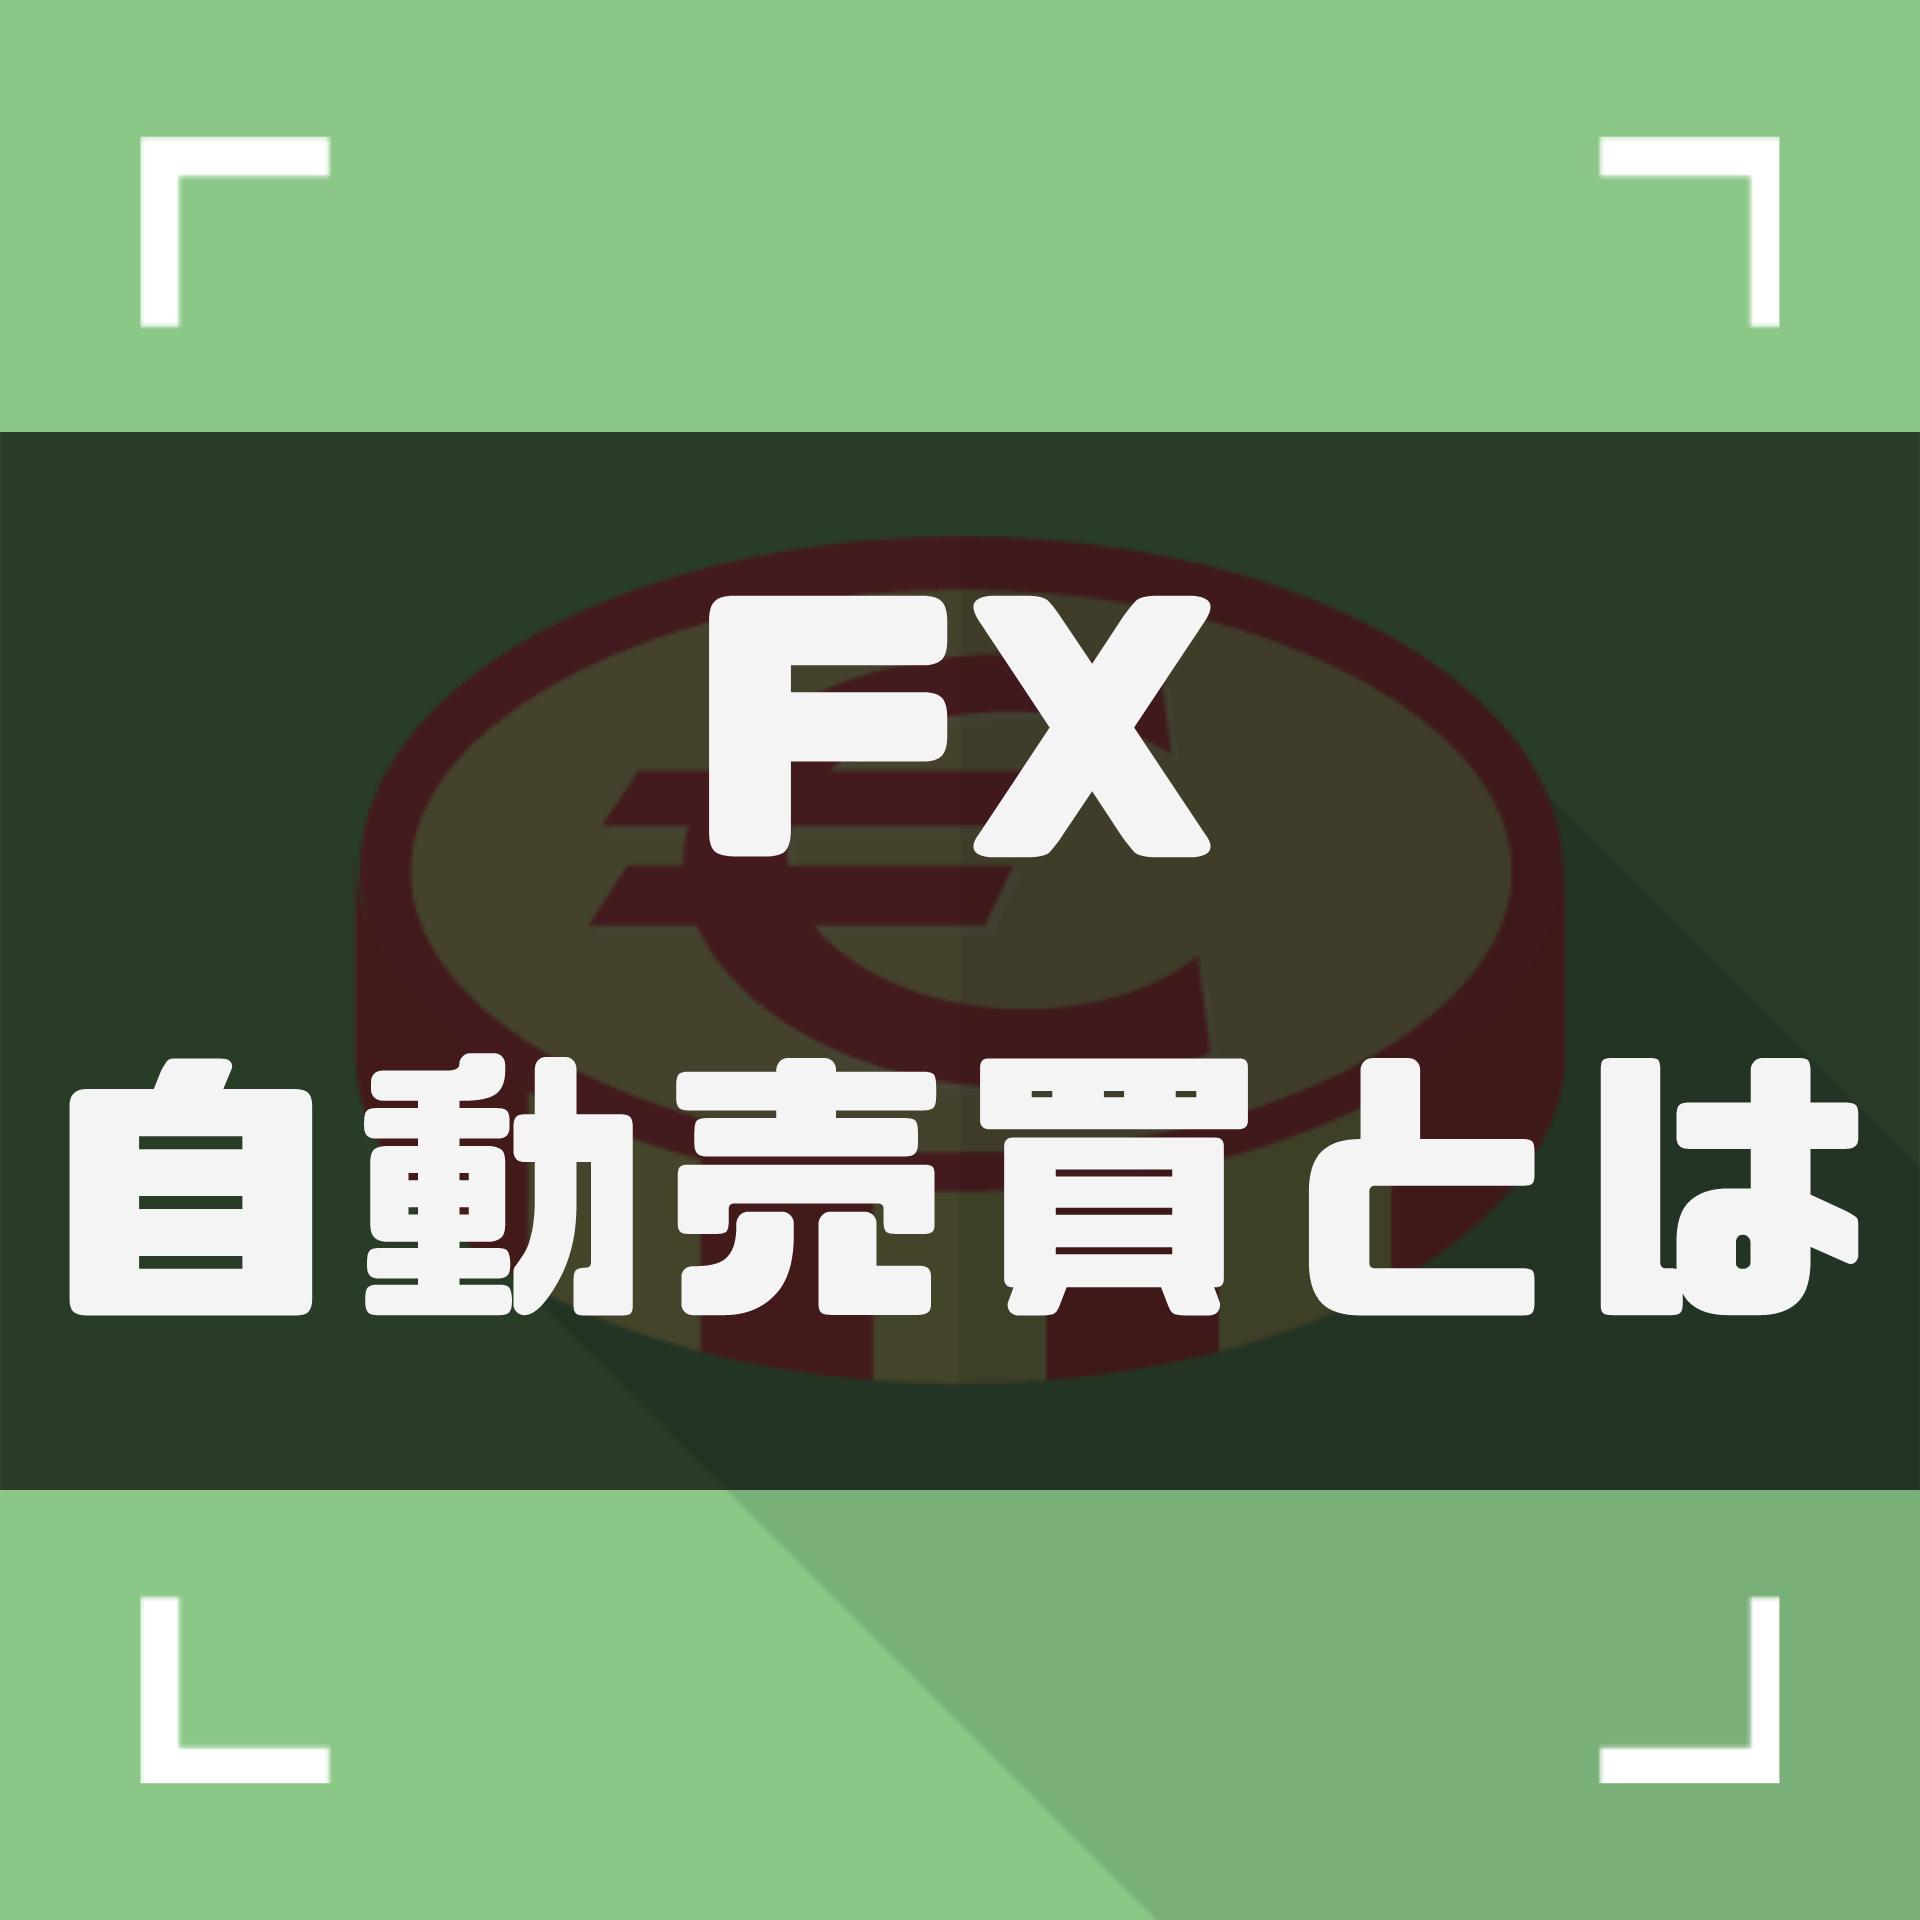 FXの自動売買とは?儲かる仕組み・やり方をわかりやすく解説